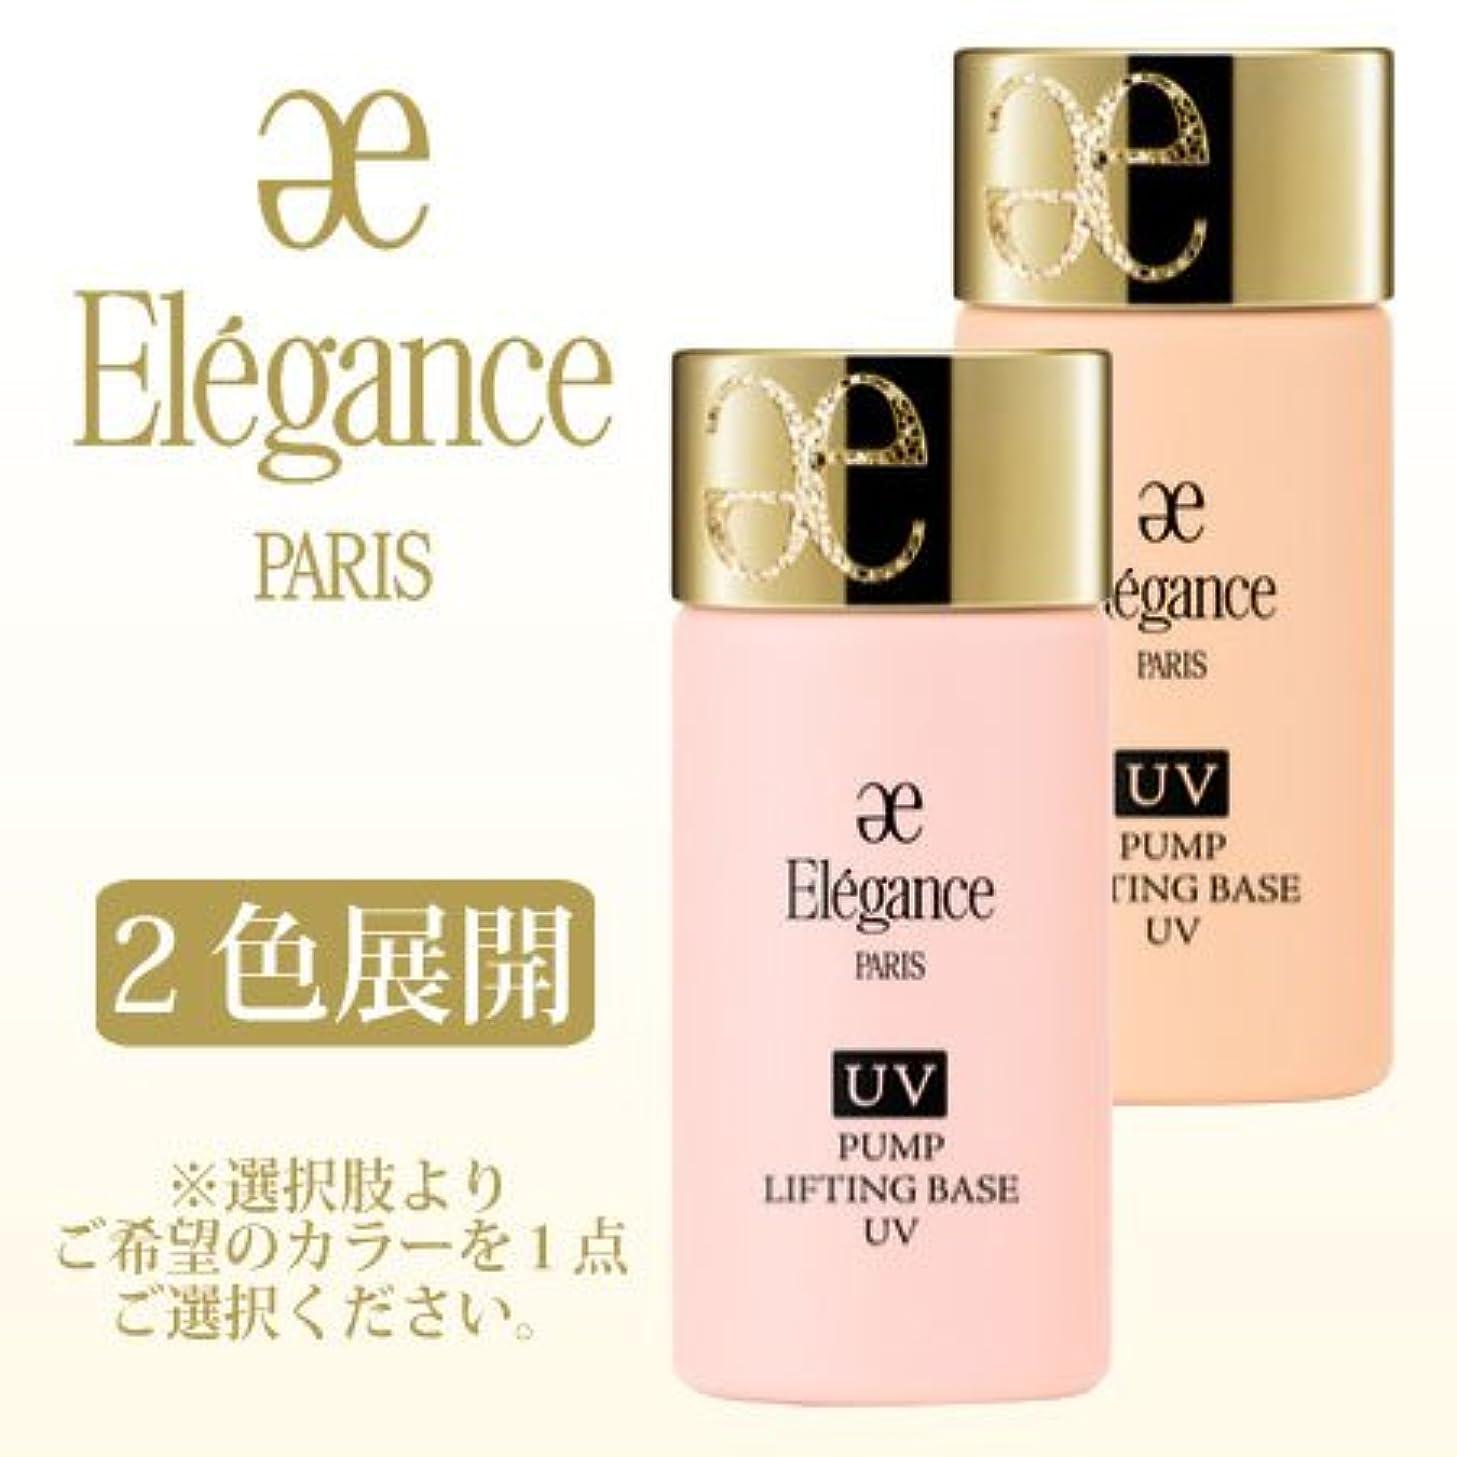 ダイヤルこどもの日市の花エレガンス パンプリフティング ベース UV 30ml 全2色展開 -ELEGANCE- PK110